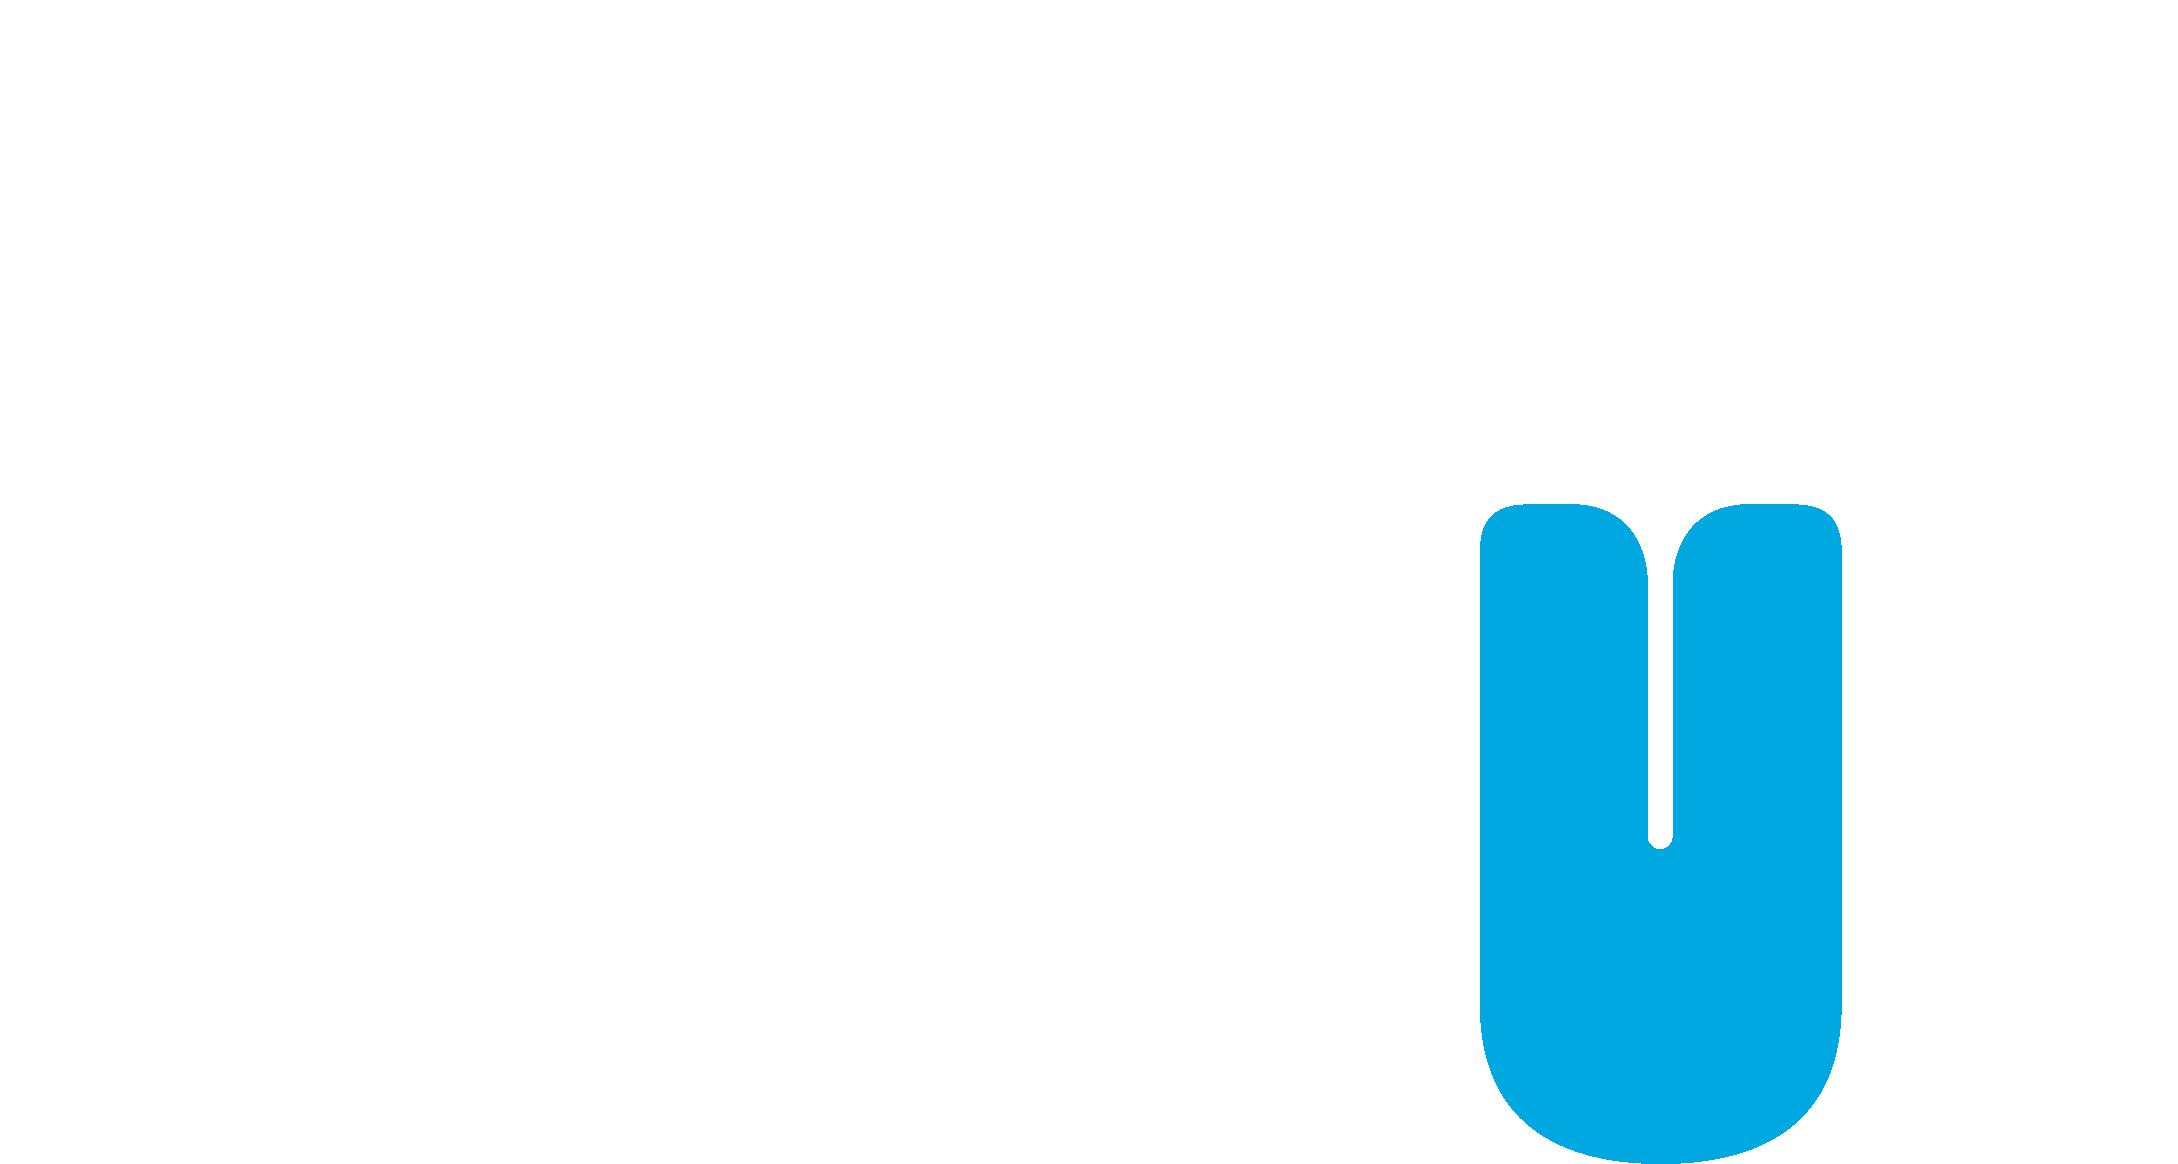 NativeTongue_LogoSupply_1.png